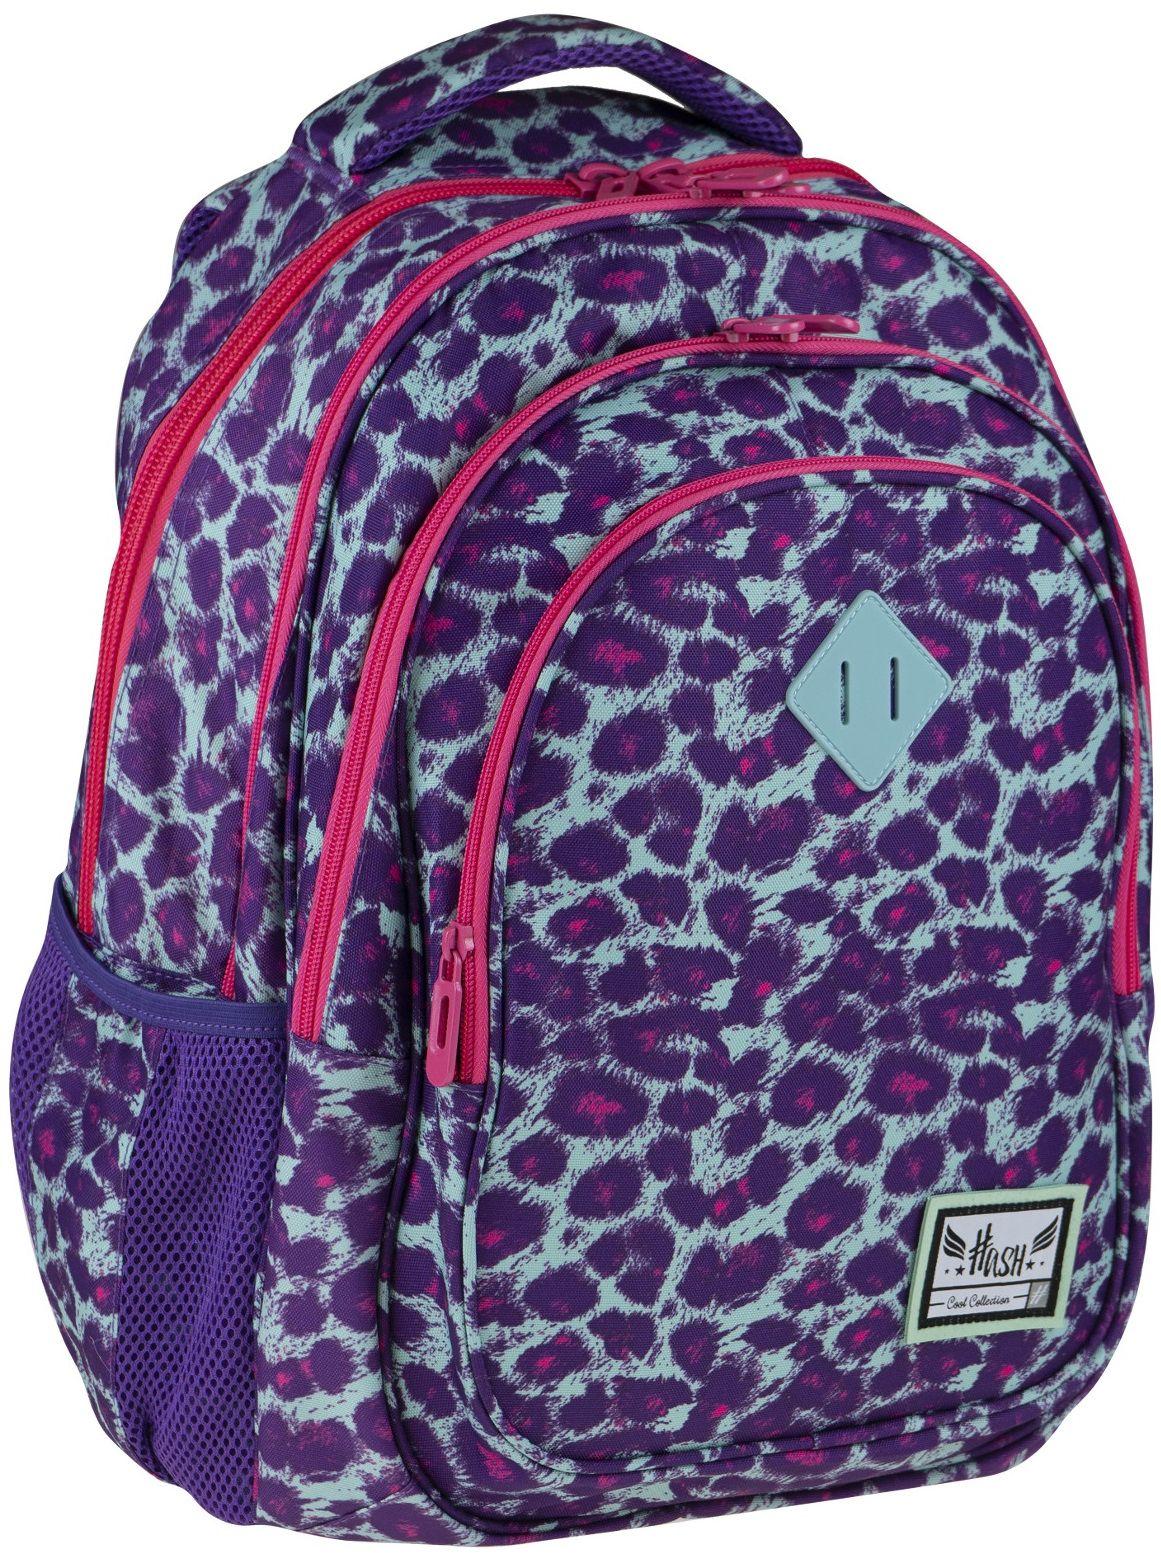 Plecak młodzieżowy Pink Panther Hash 502020047